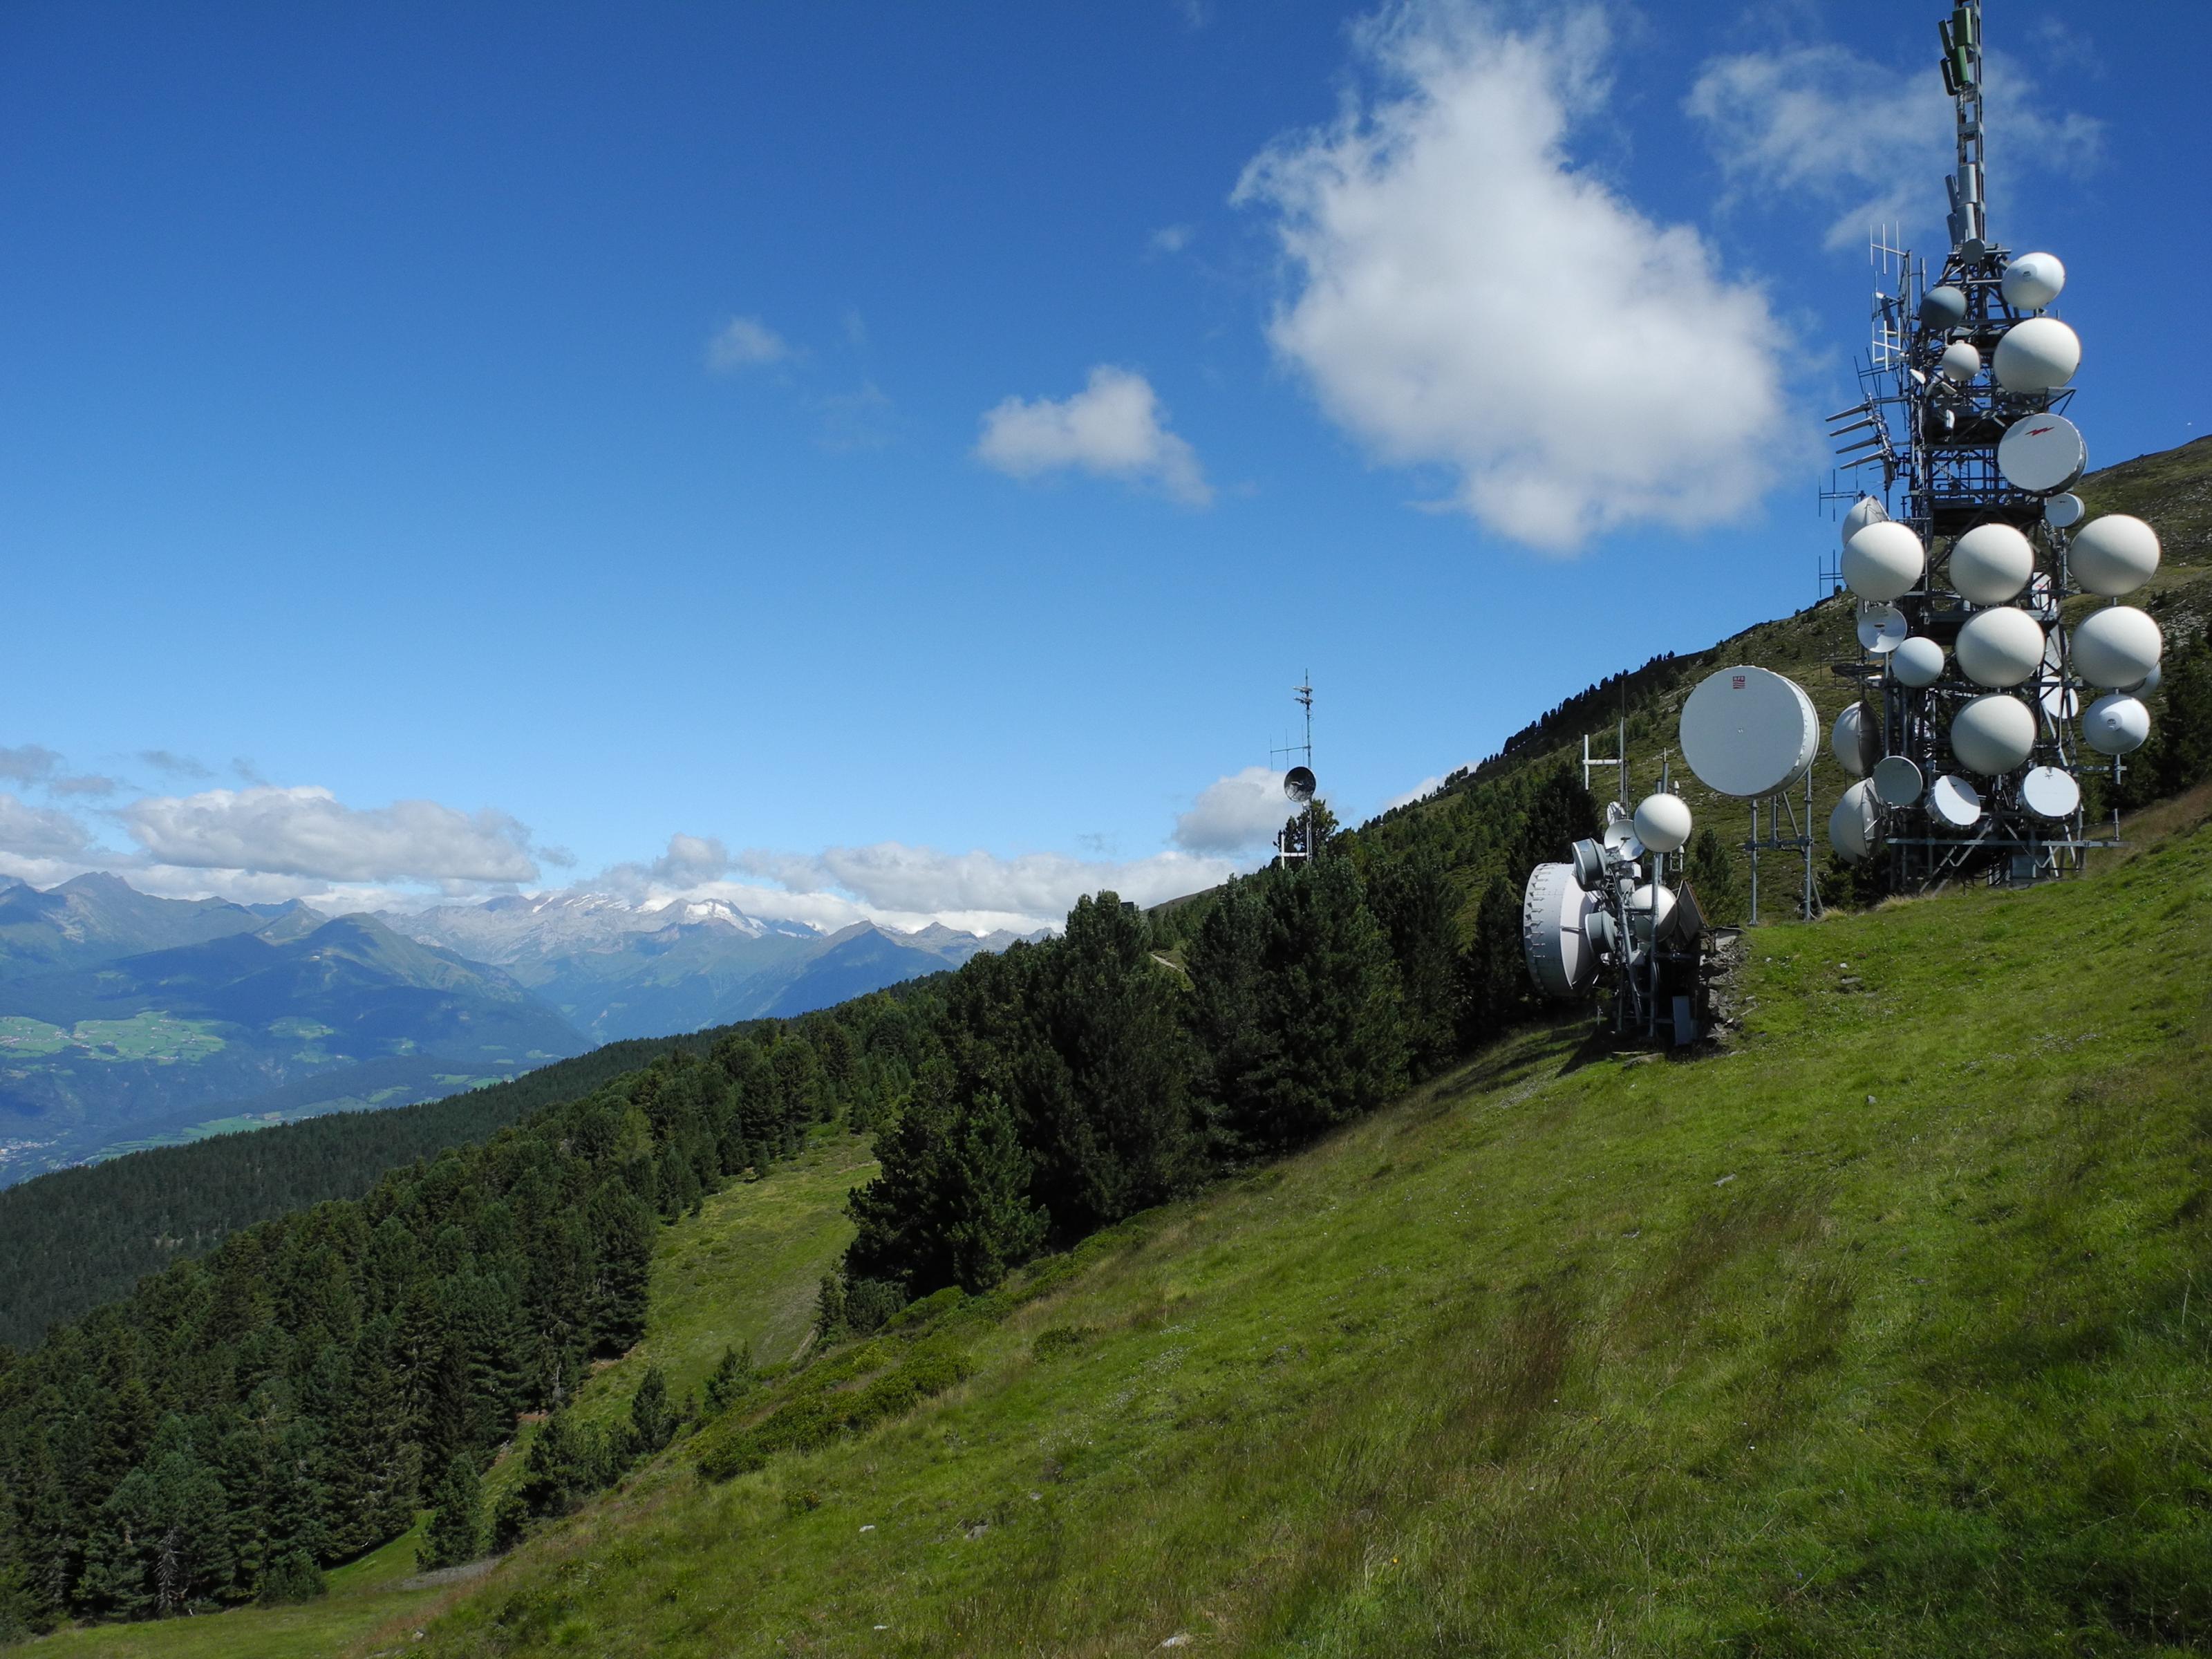 Monte Telegrafo 2504 m - Plose-Massiv